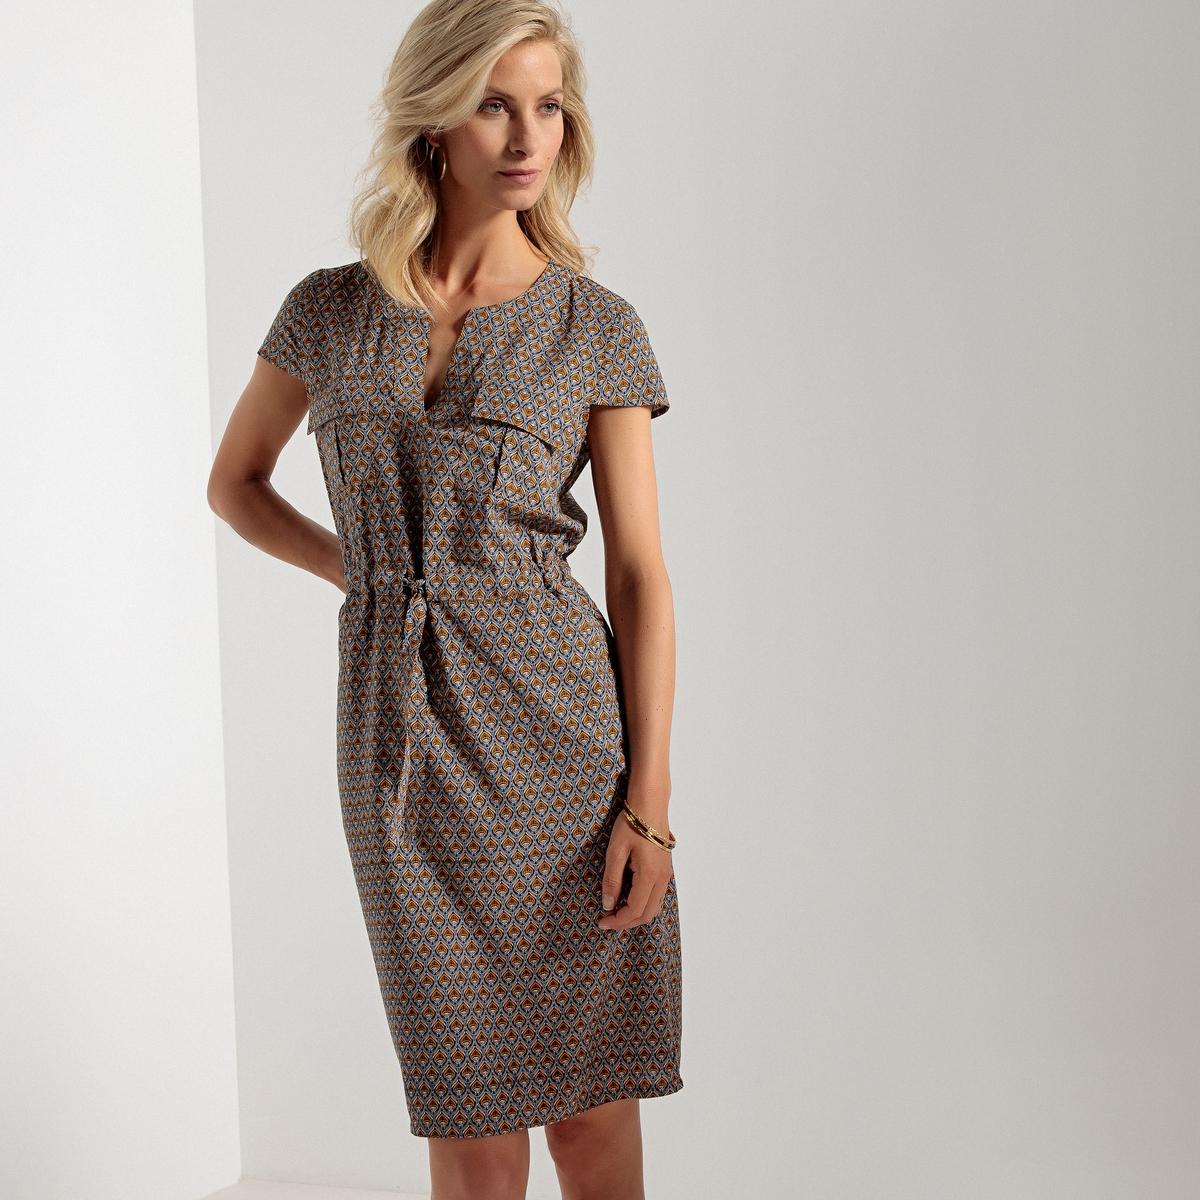 Платье прямое с принтом и круглым вырезом разрезом спереди